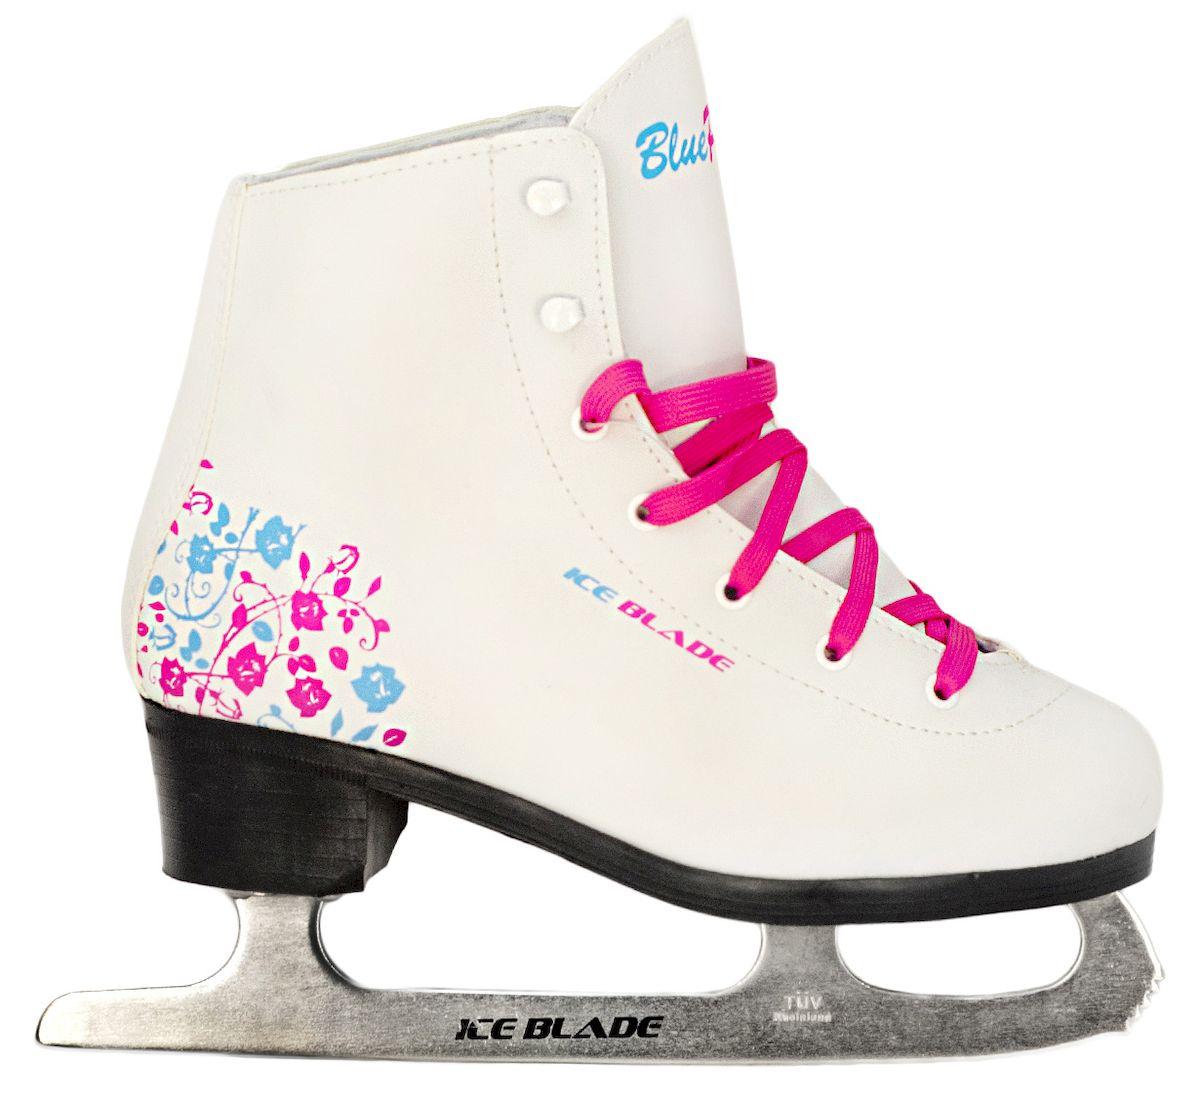 Коньки фигурные Ice Blade BluePink, цвет: белый, розовый, голубой. УТ-00006869. Размер 34